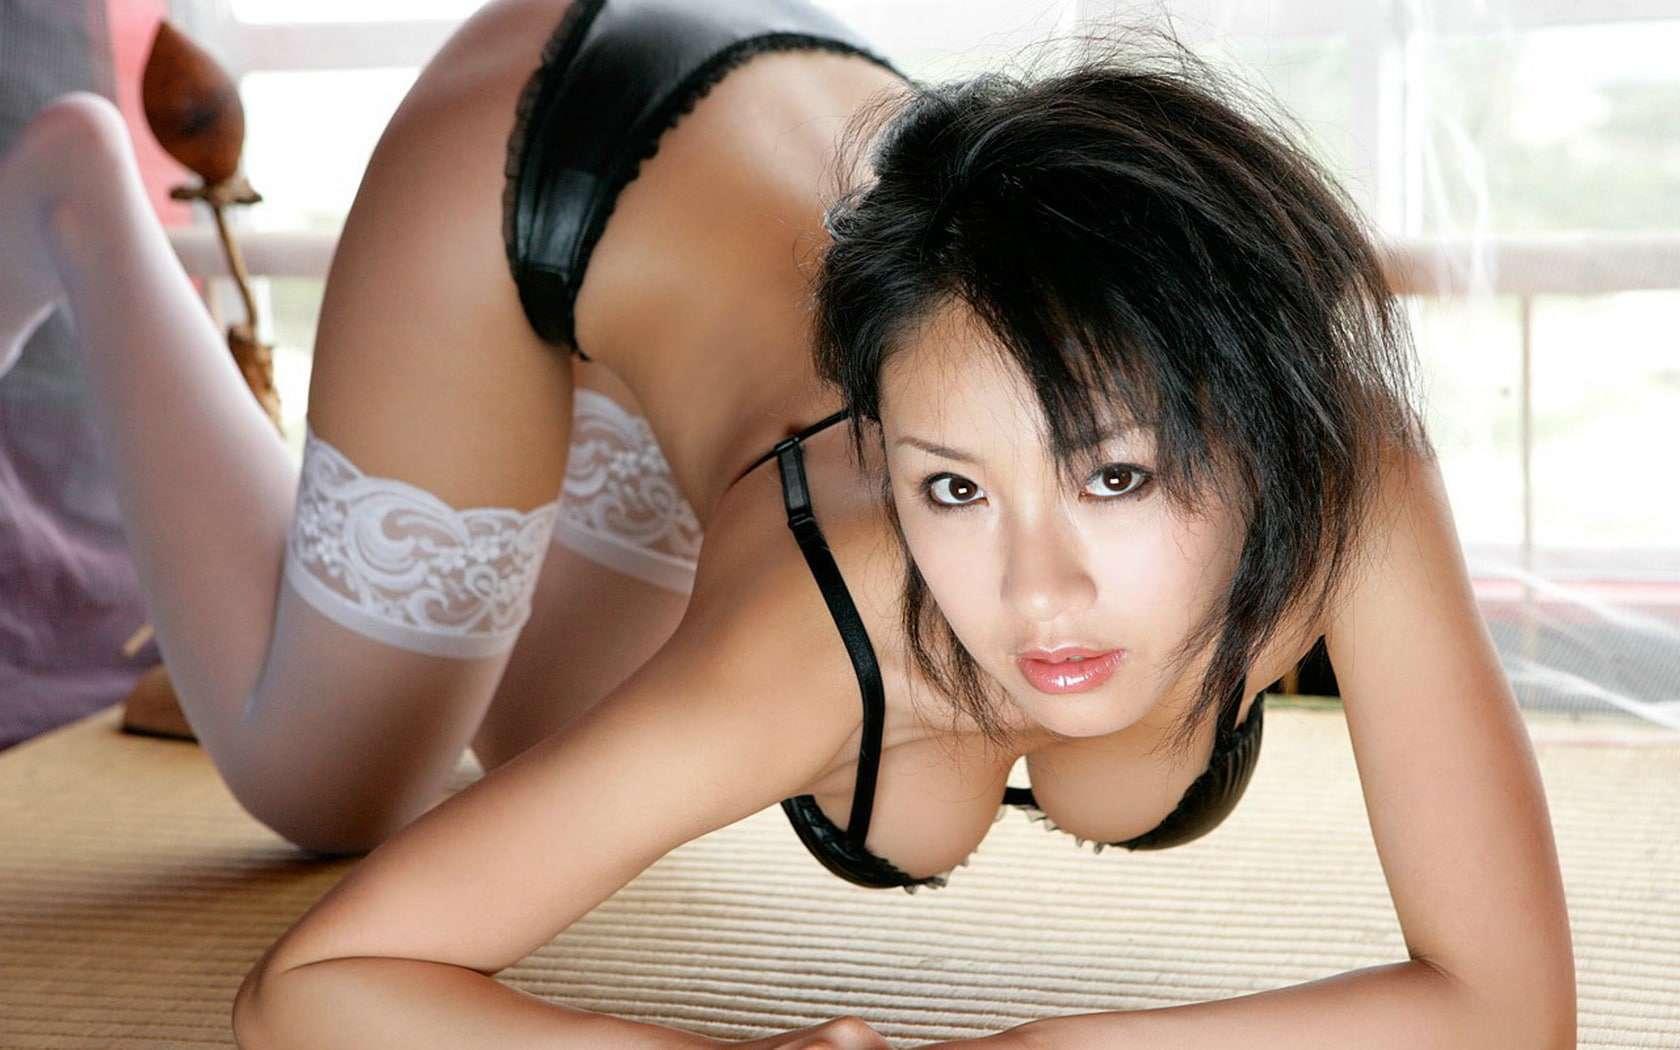 Asiatique en lingerie and fat amateur@todorazor.com